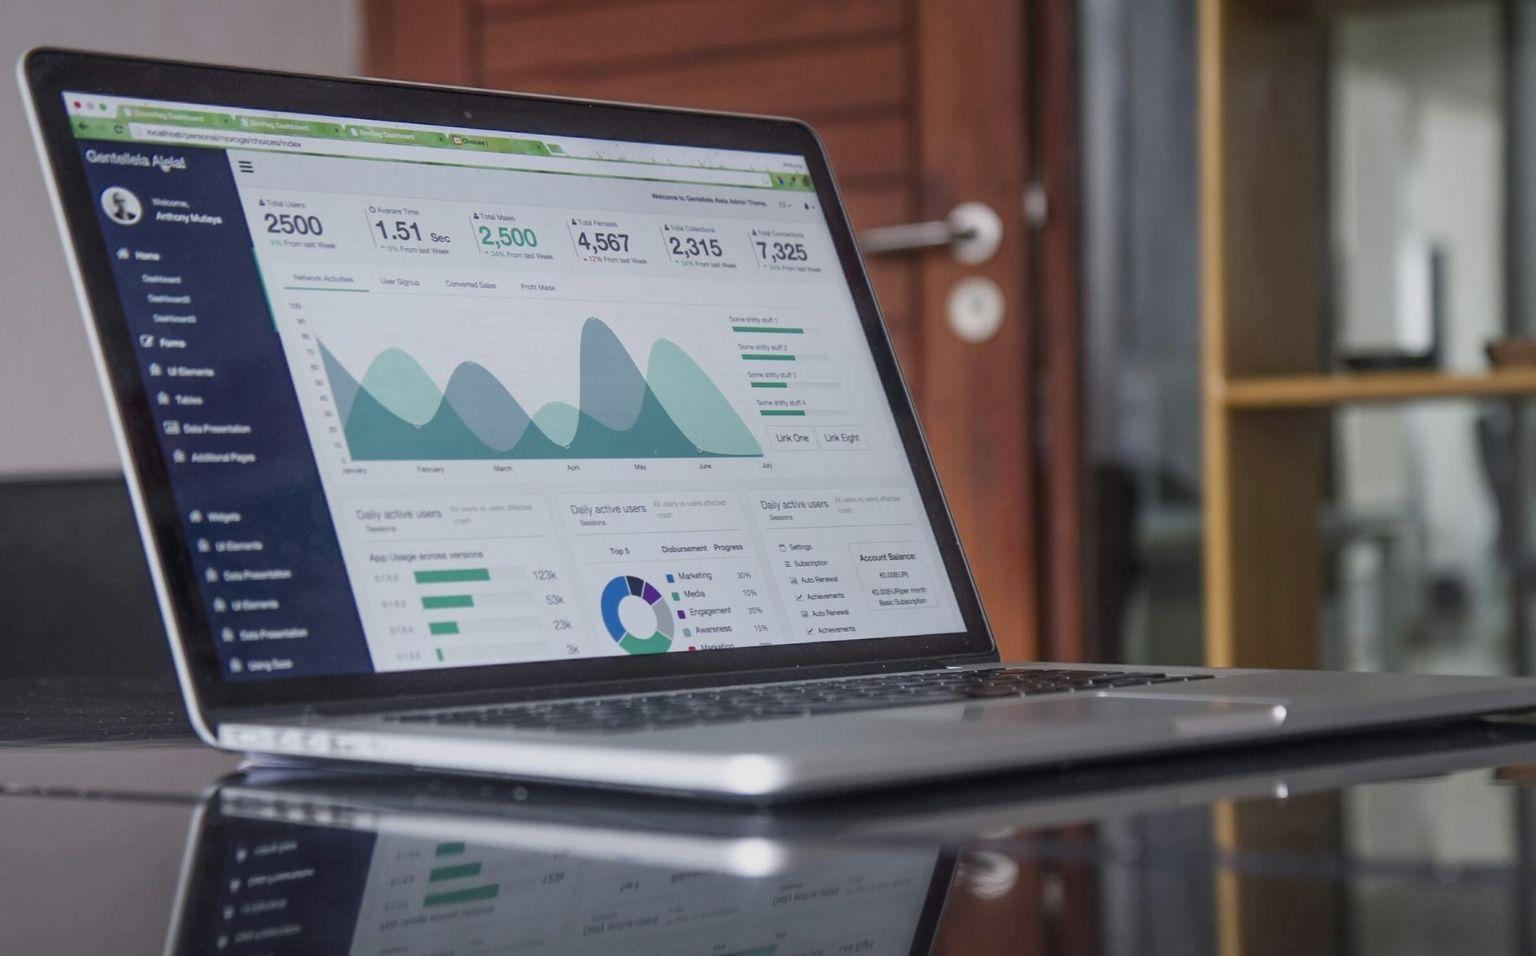 Data Analytics screen